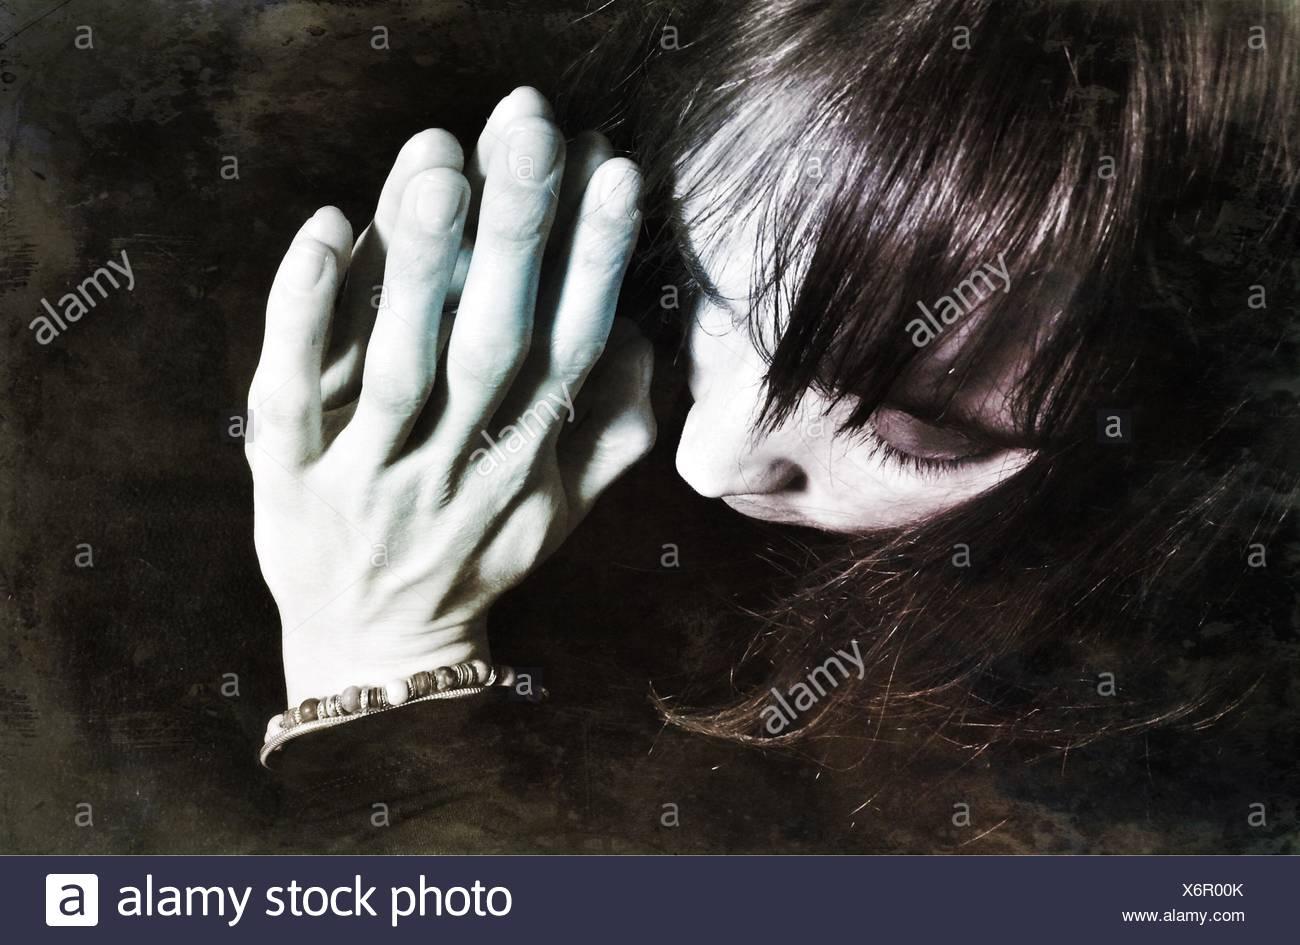 High Angle View Of Woman Praying - Stock Image